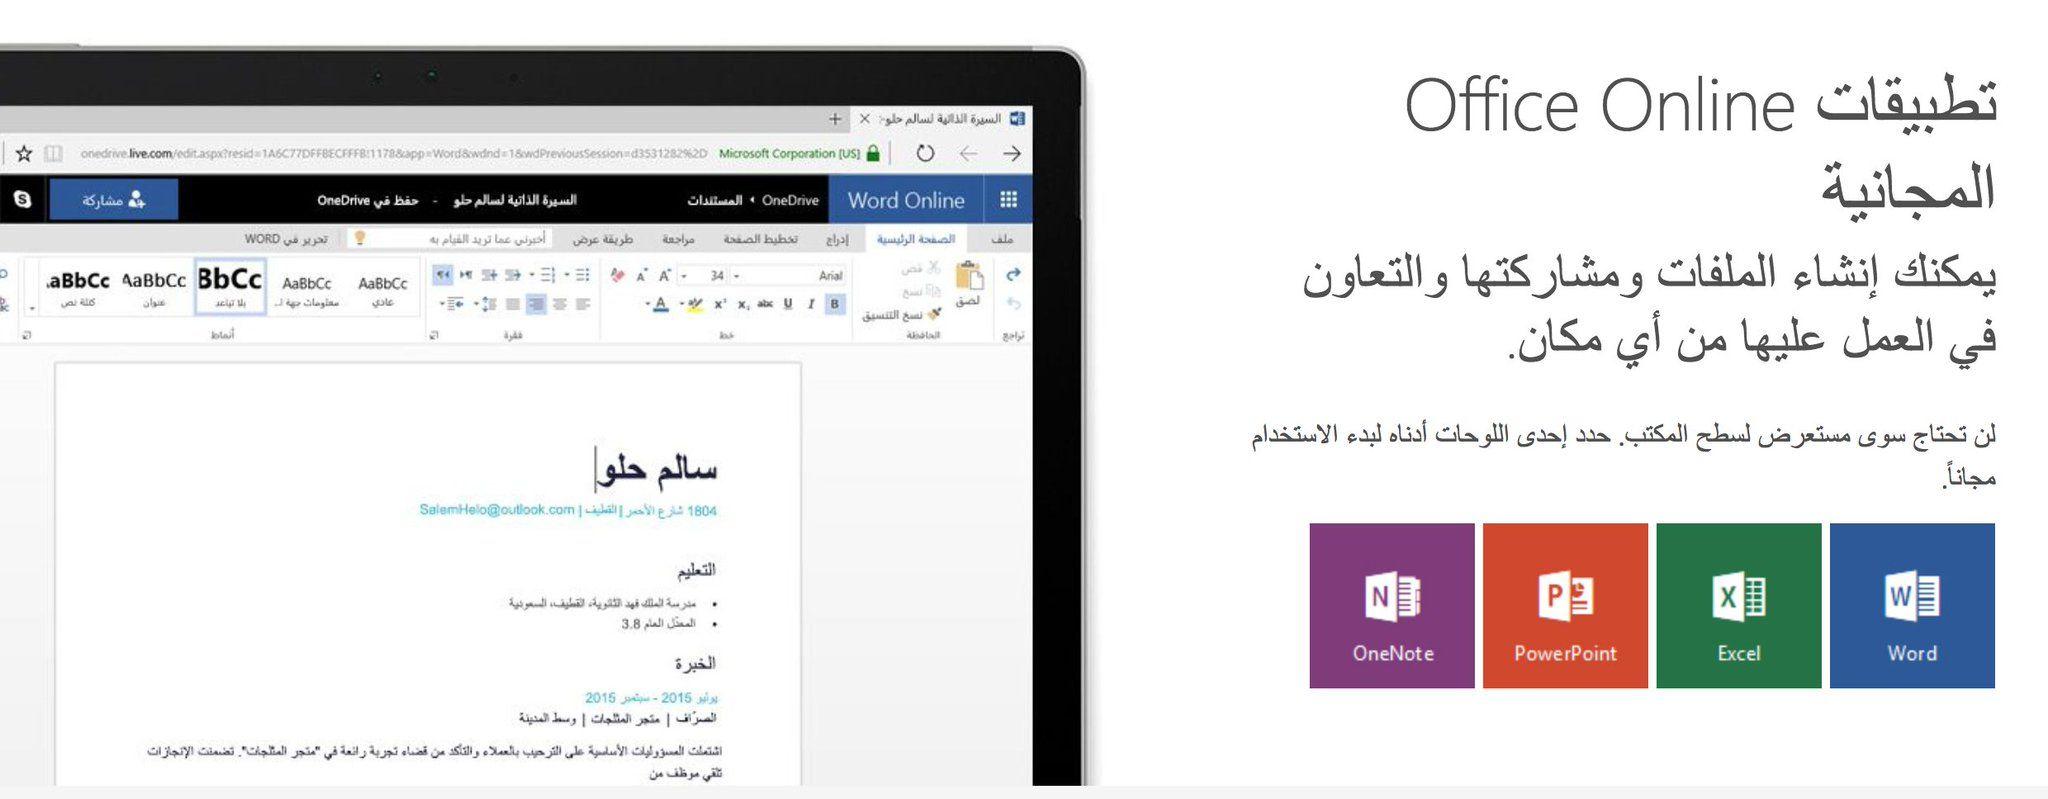 عبدالعزيز الحمادي On Twitter Words Twitter Sign Up Student Office